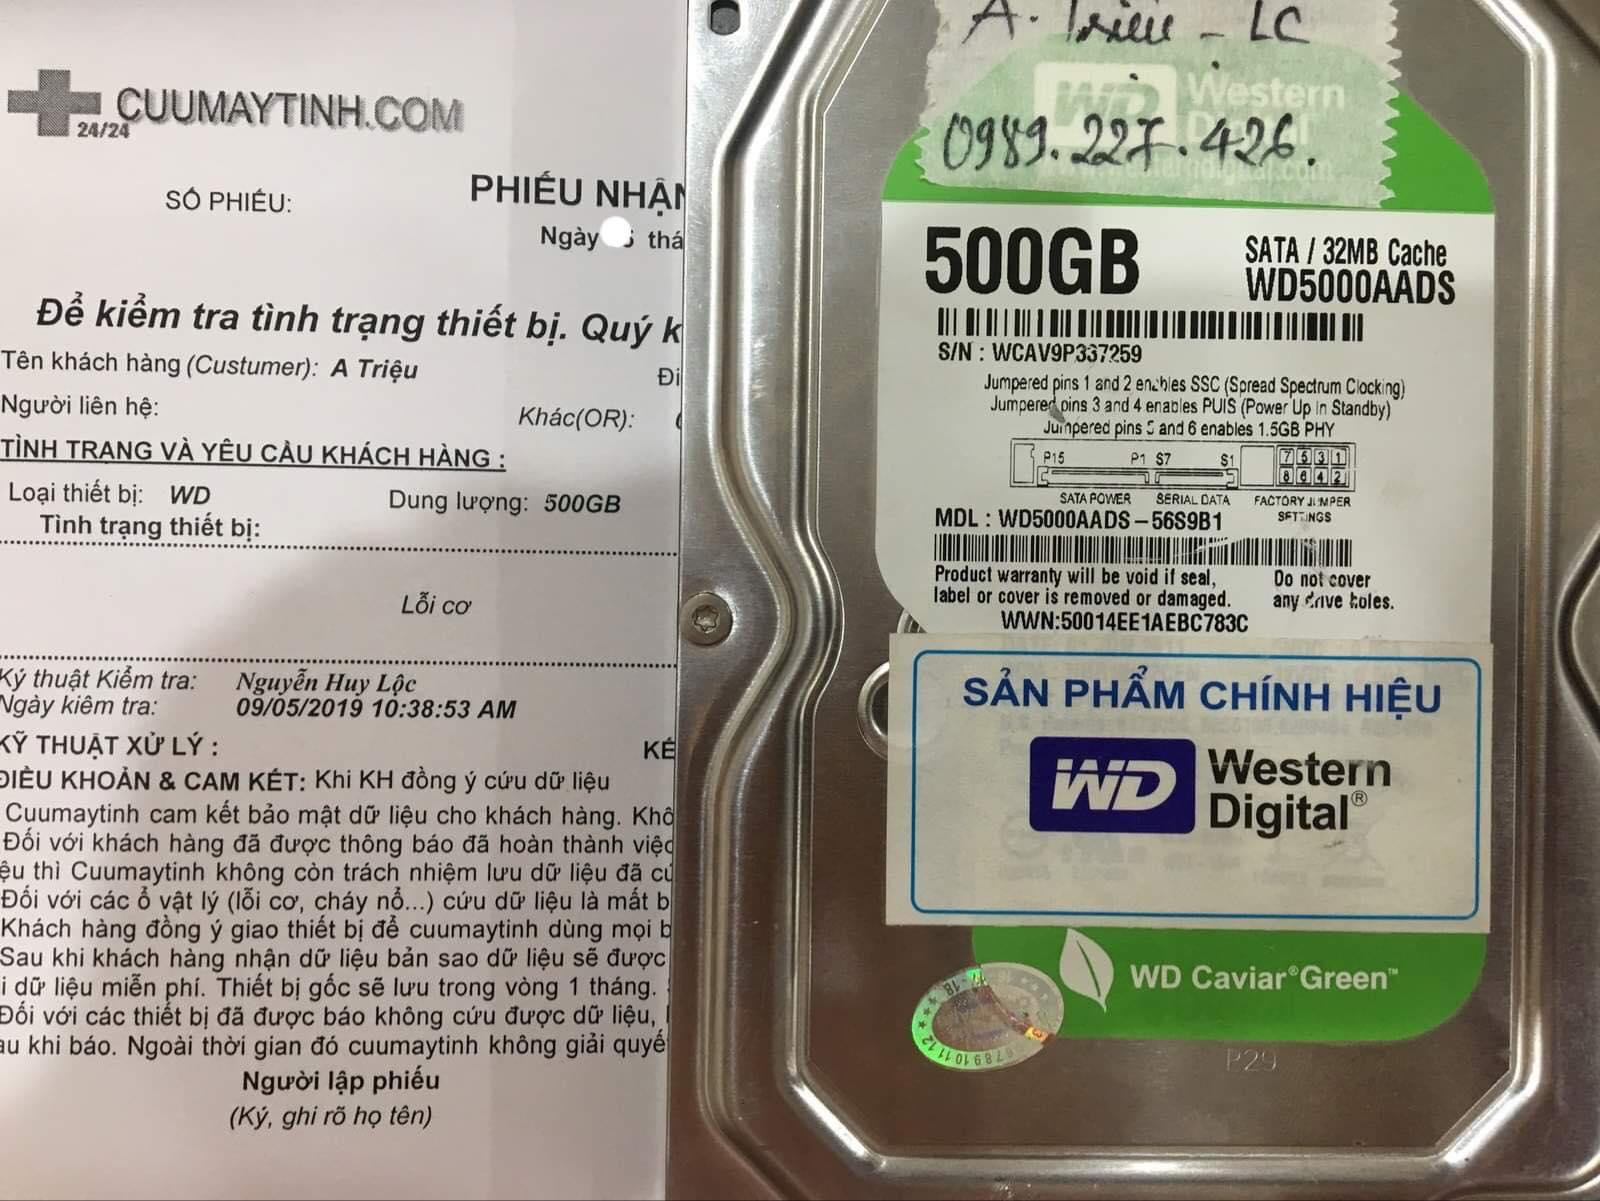 Phục hồi dữ liệu ổ cứng Western 500GB lỗi cơ 09/09/2019 - cuumaytinh